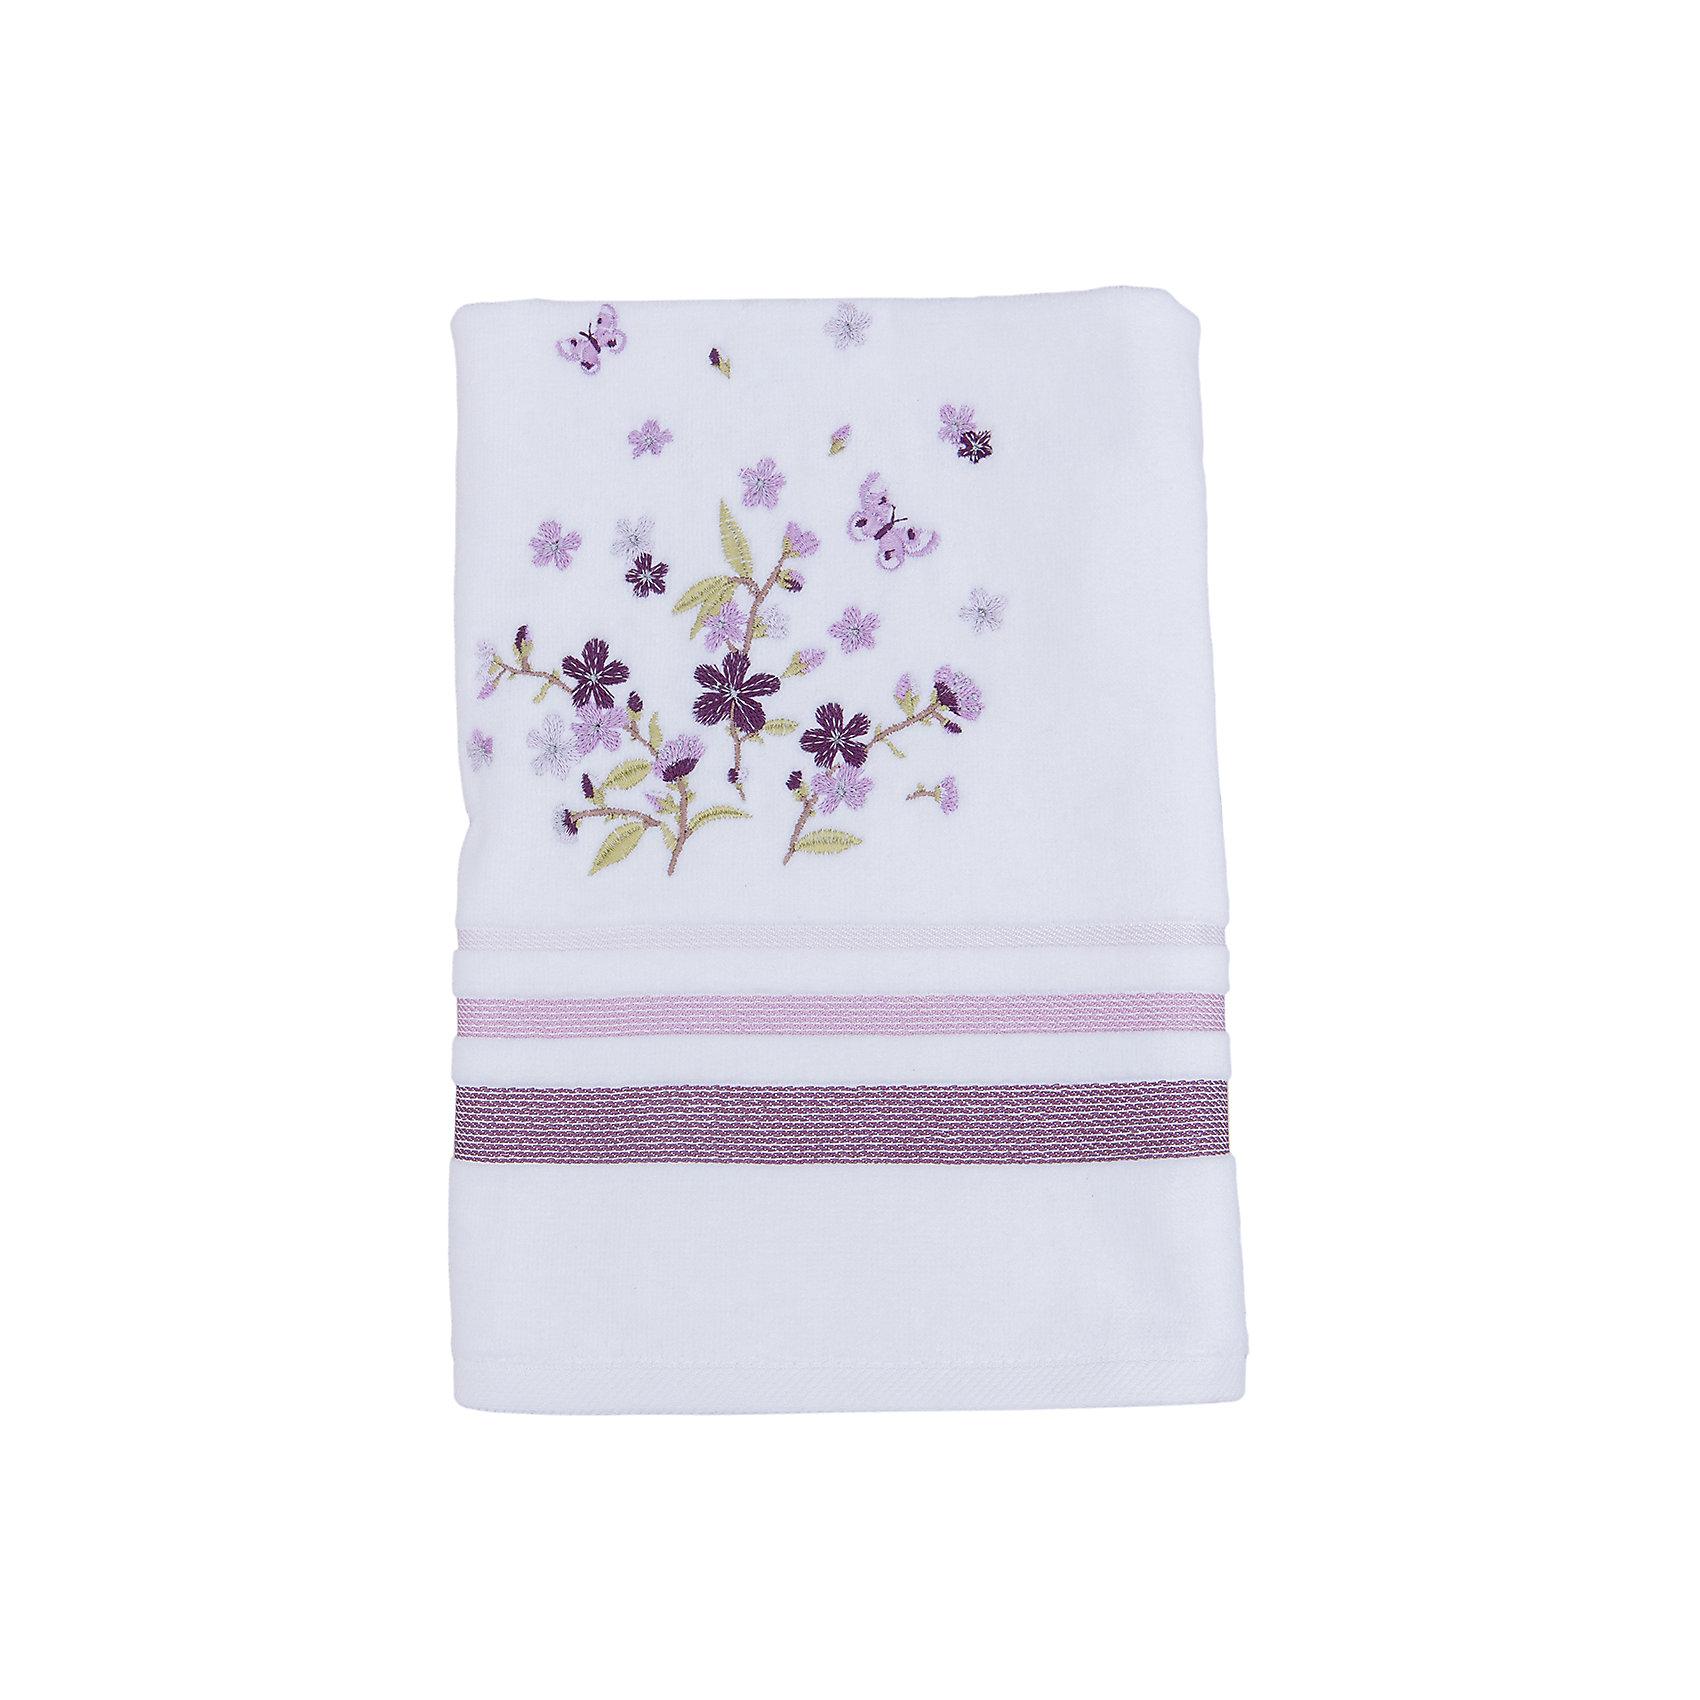 TAC Полотенце подарочное LEGRAND махровое 50*90, TAC, сиреневый tac полотенце bloom махровое 50 90 бамбук tac сиреневый